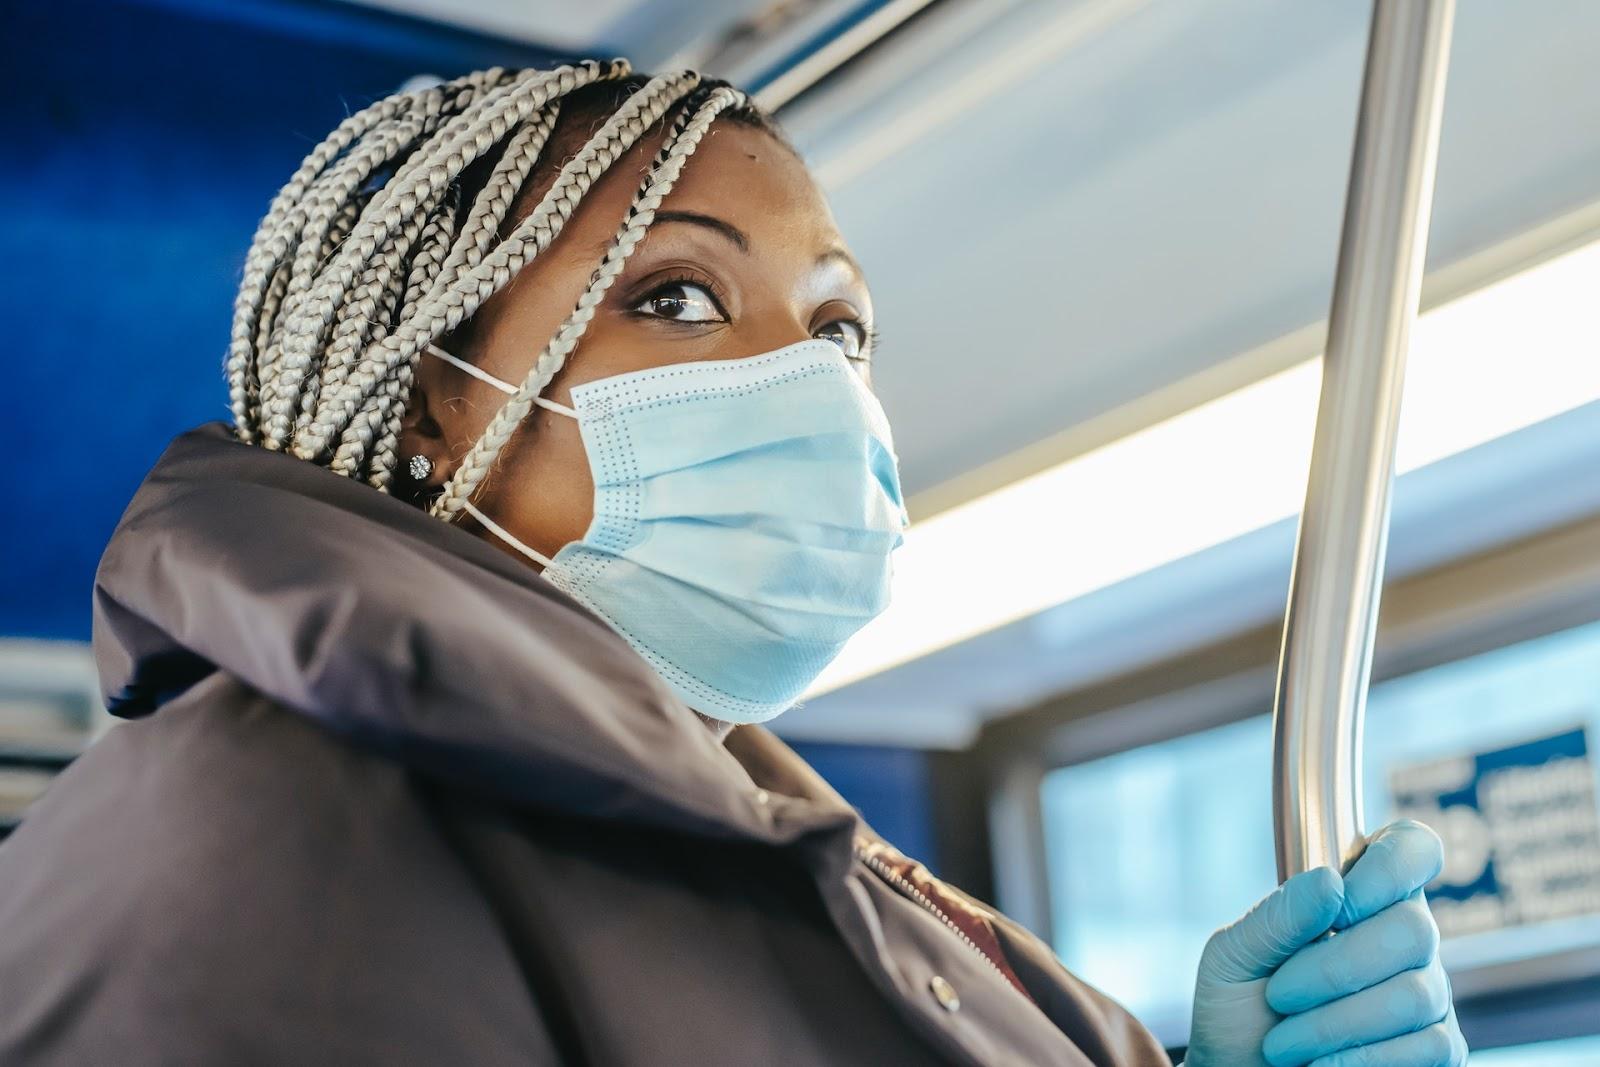 Com o novo vírus, os cuidados no transporte público foram redobrados. (Fonte: Pexels)